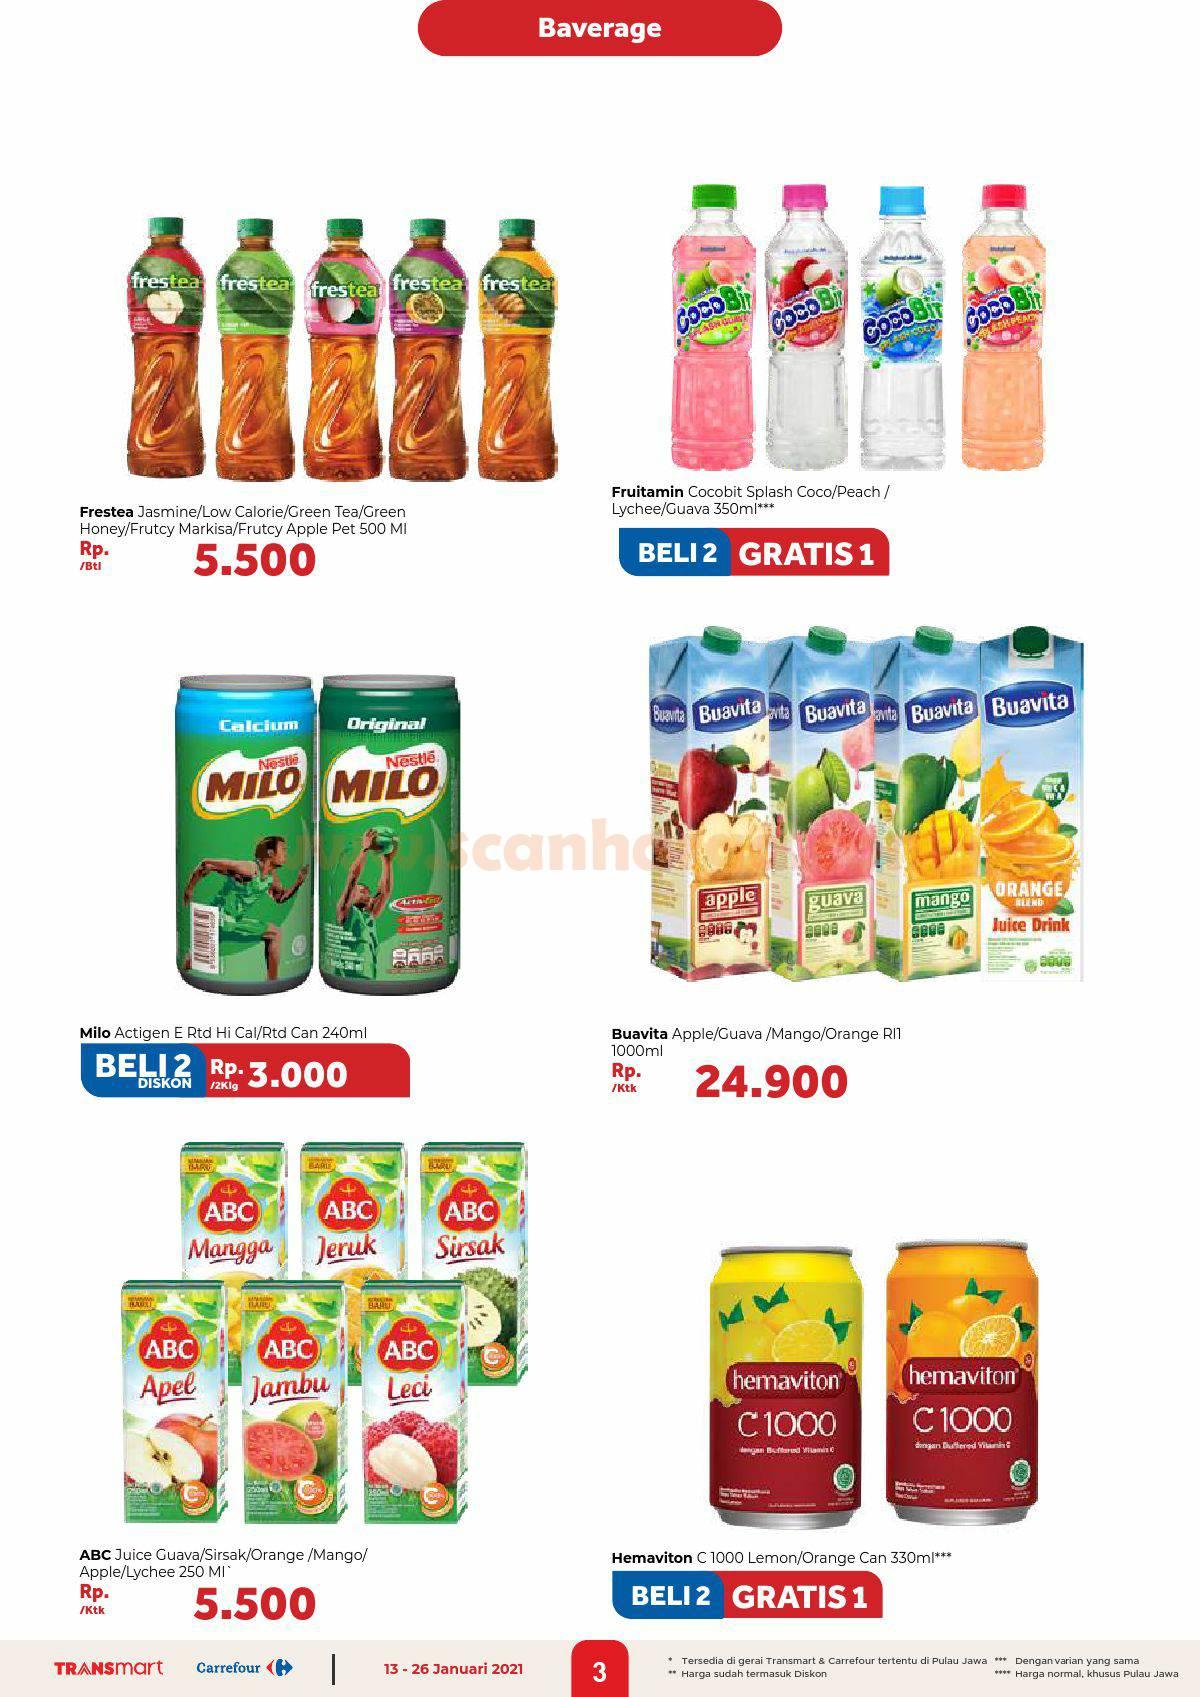 Katalog Promo Carrefour Transmart 13 - 26 Januari 2021 3